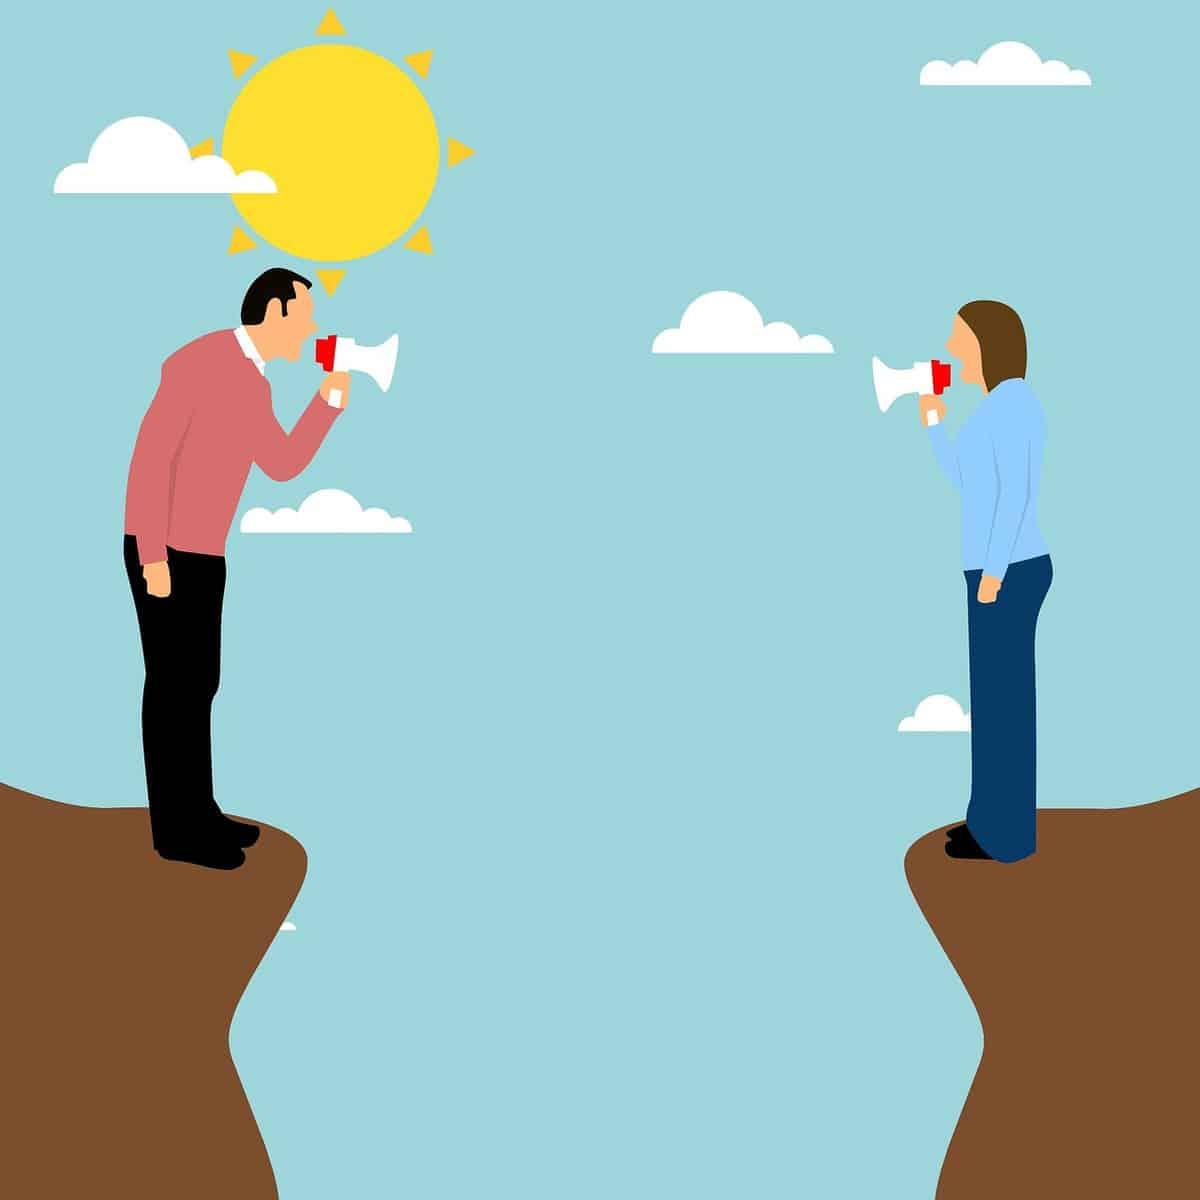 צעקות בין בני זוג